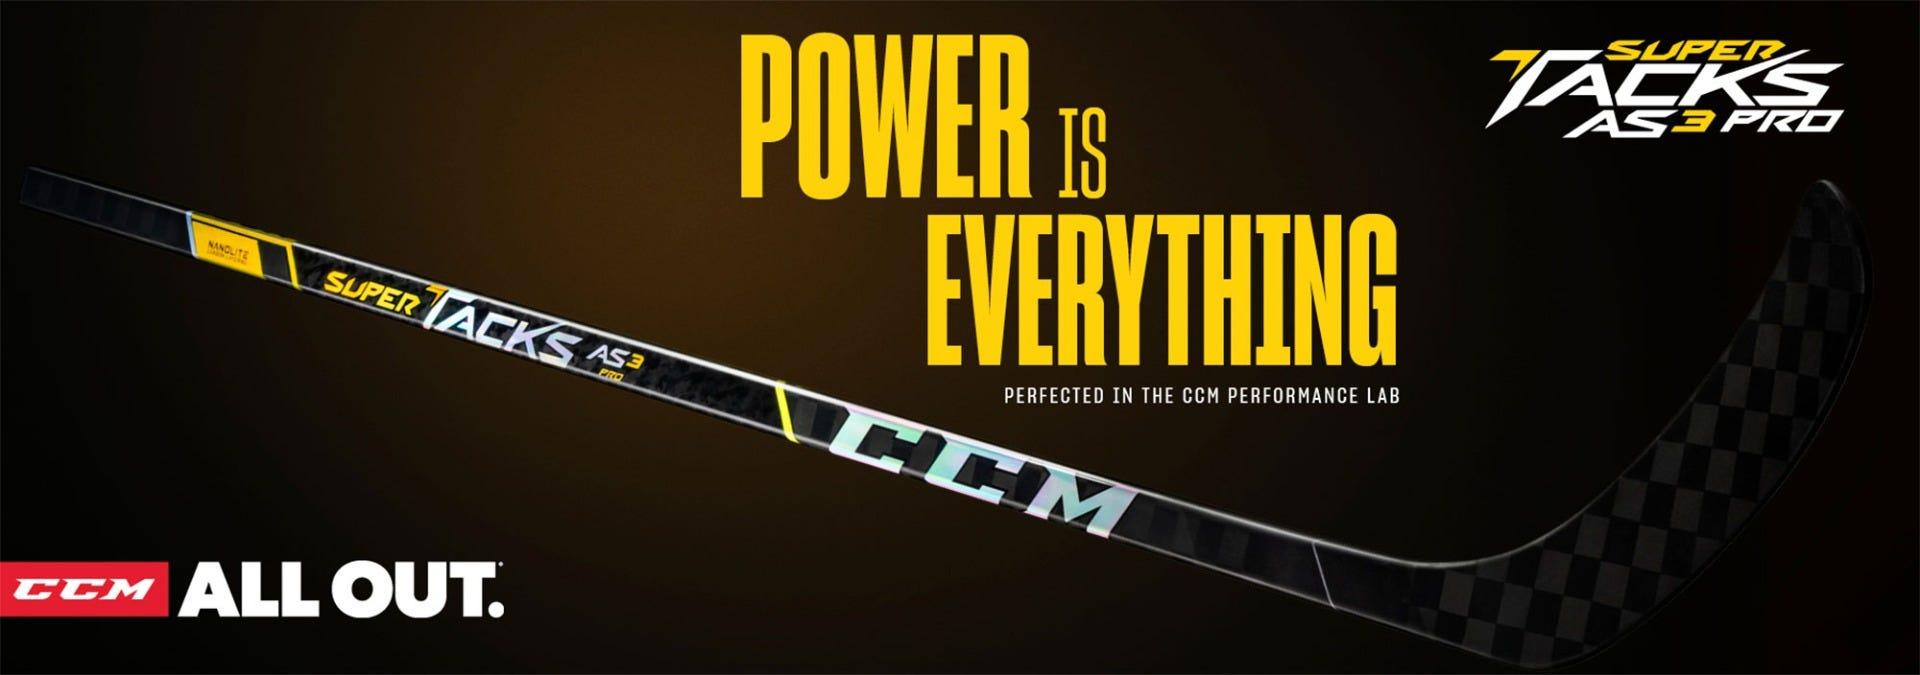 CCM Super Tacks AS3 Pro Hockey Sticks